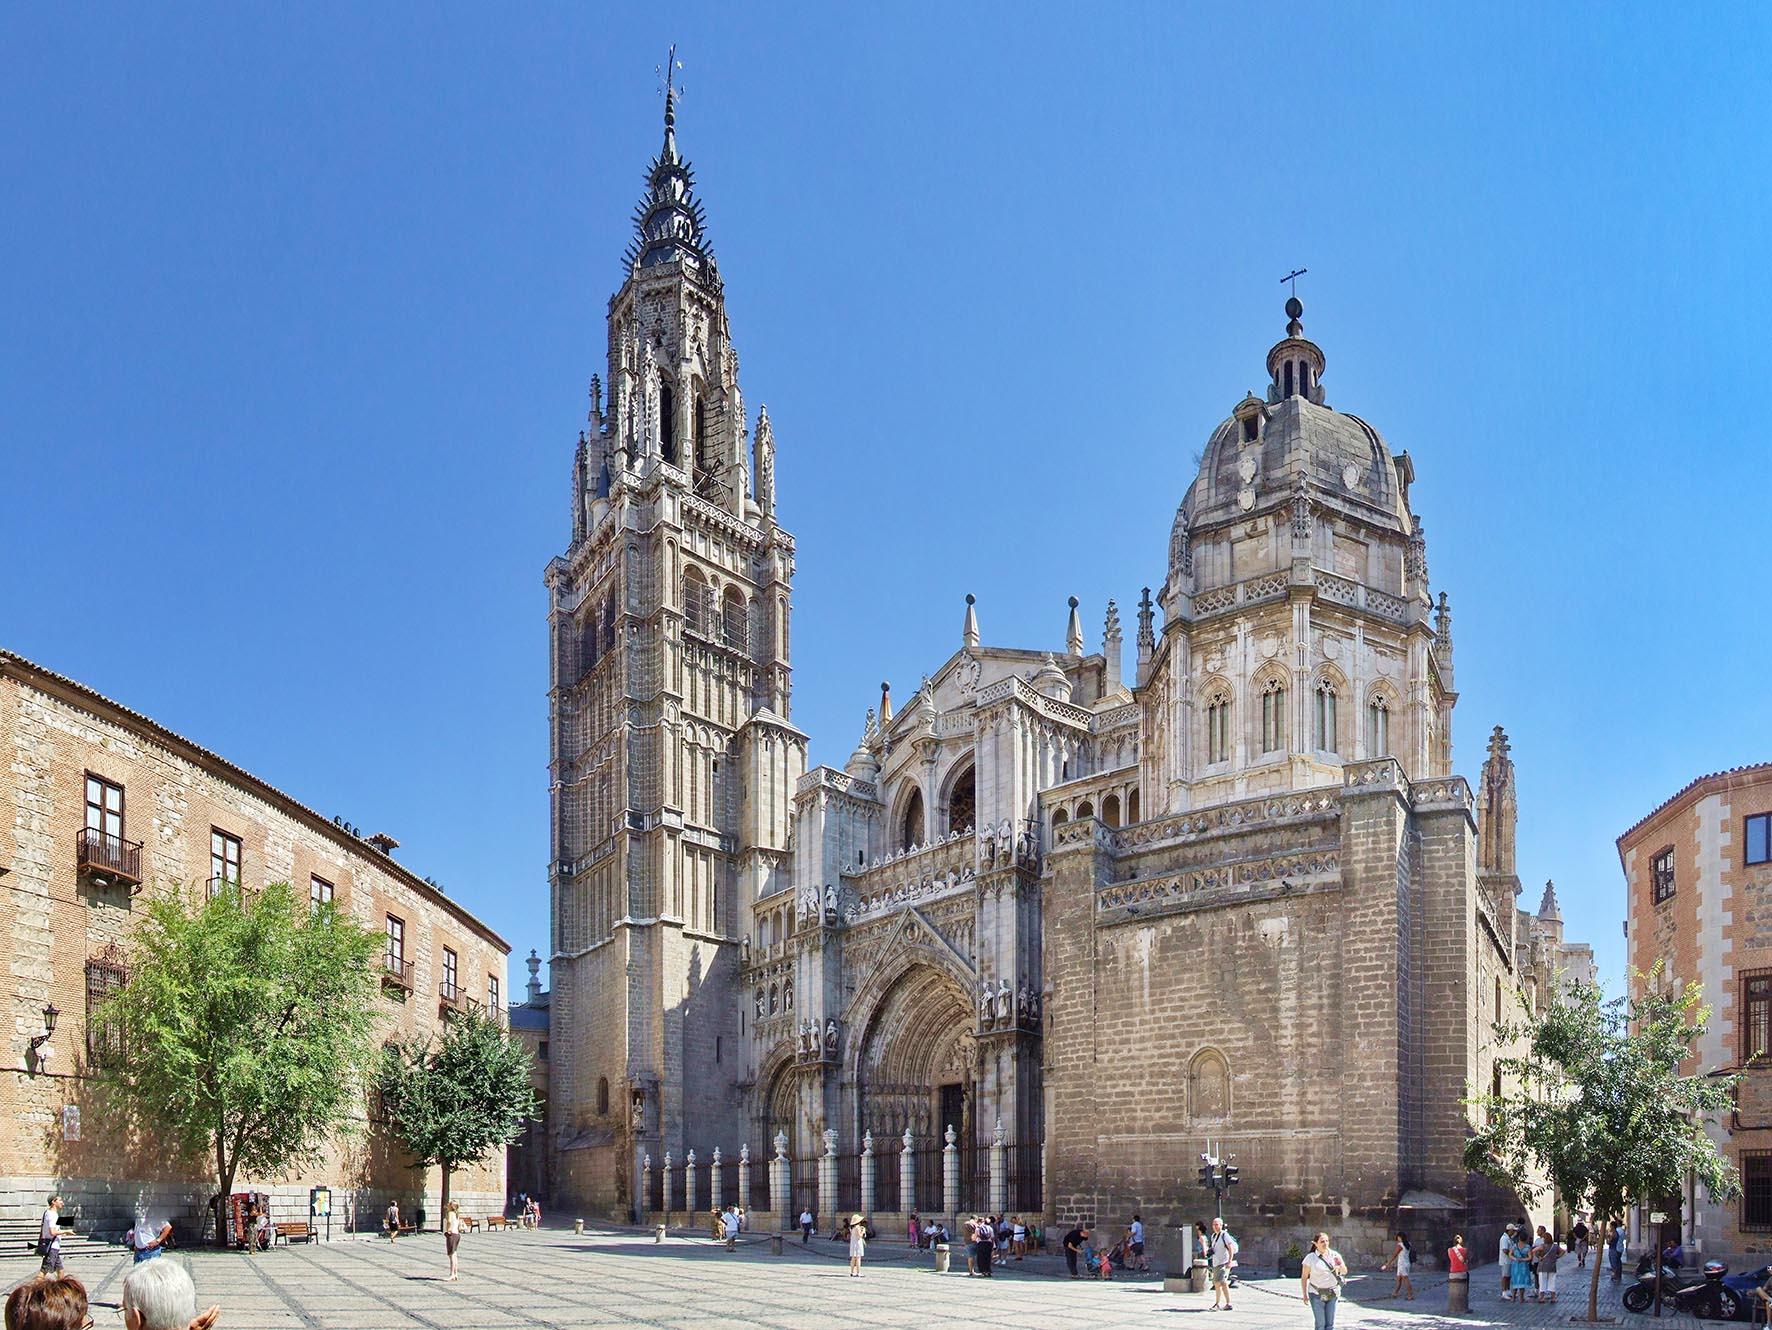 Curso guías de turismo en Toledo | UMA formación, tutoriales GRATIS y cursos online